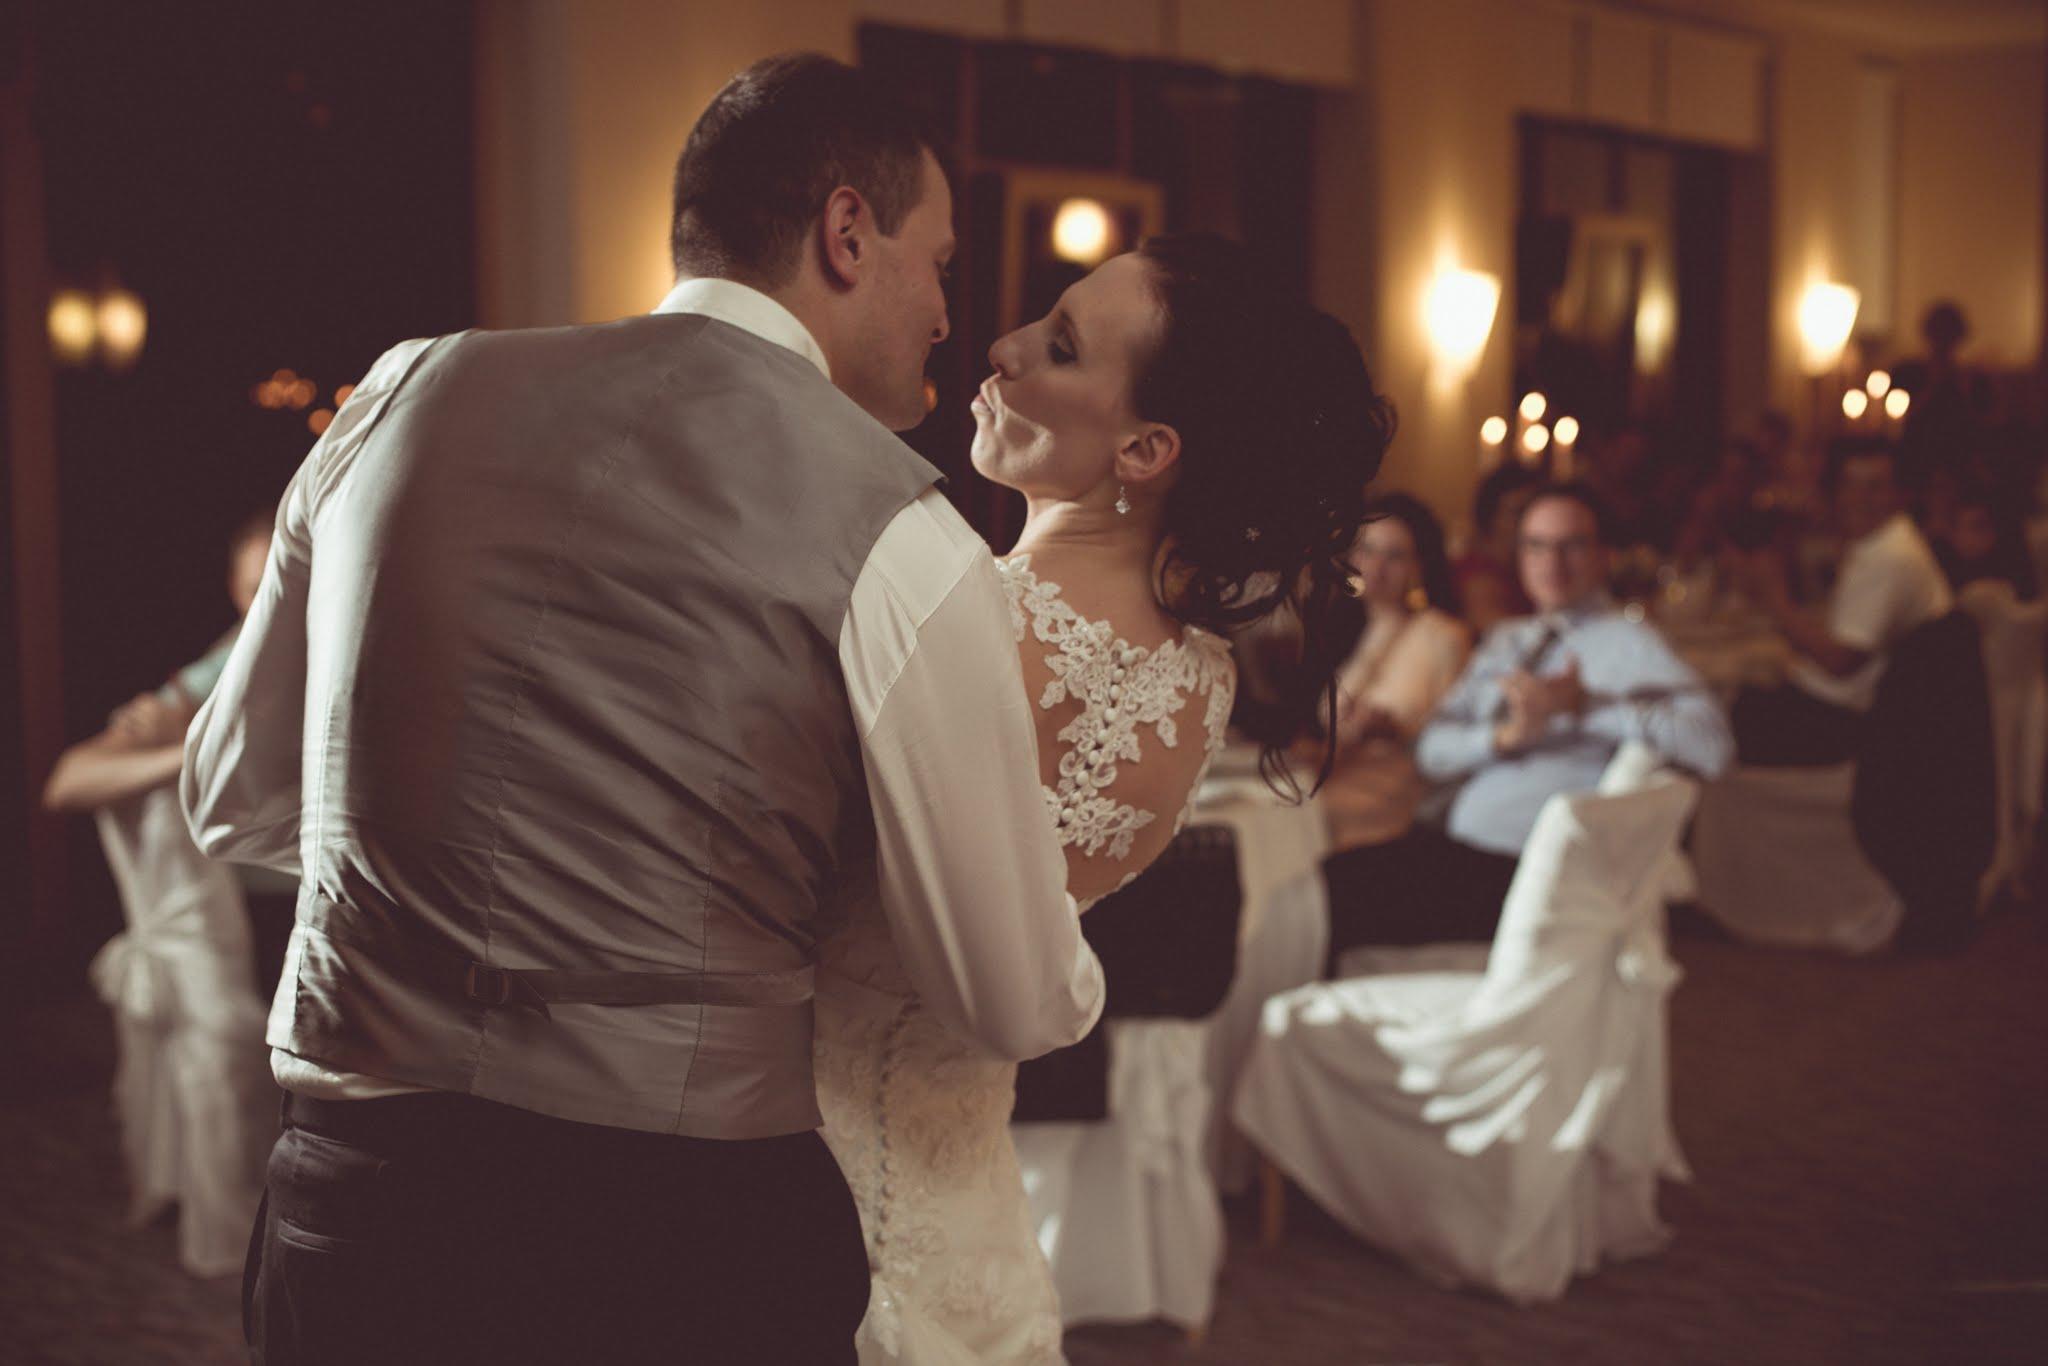 ajboljše poročne fotografije, naj poročni fotograf, fotograf za poroko, naj poroka, poročni prstani Wedding photographer slovenia, ugodna cena fotografiranja poroke